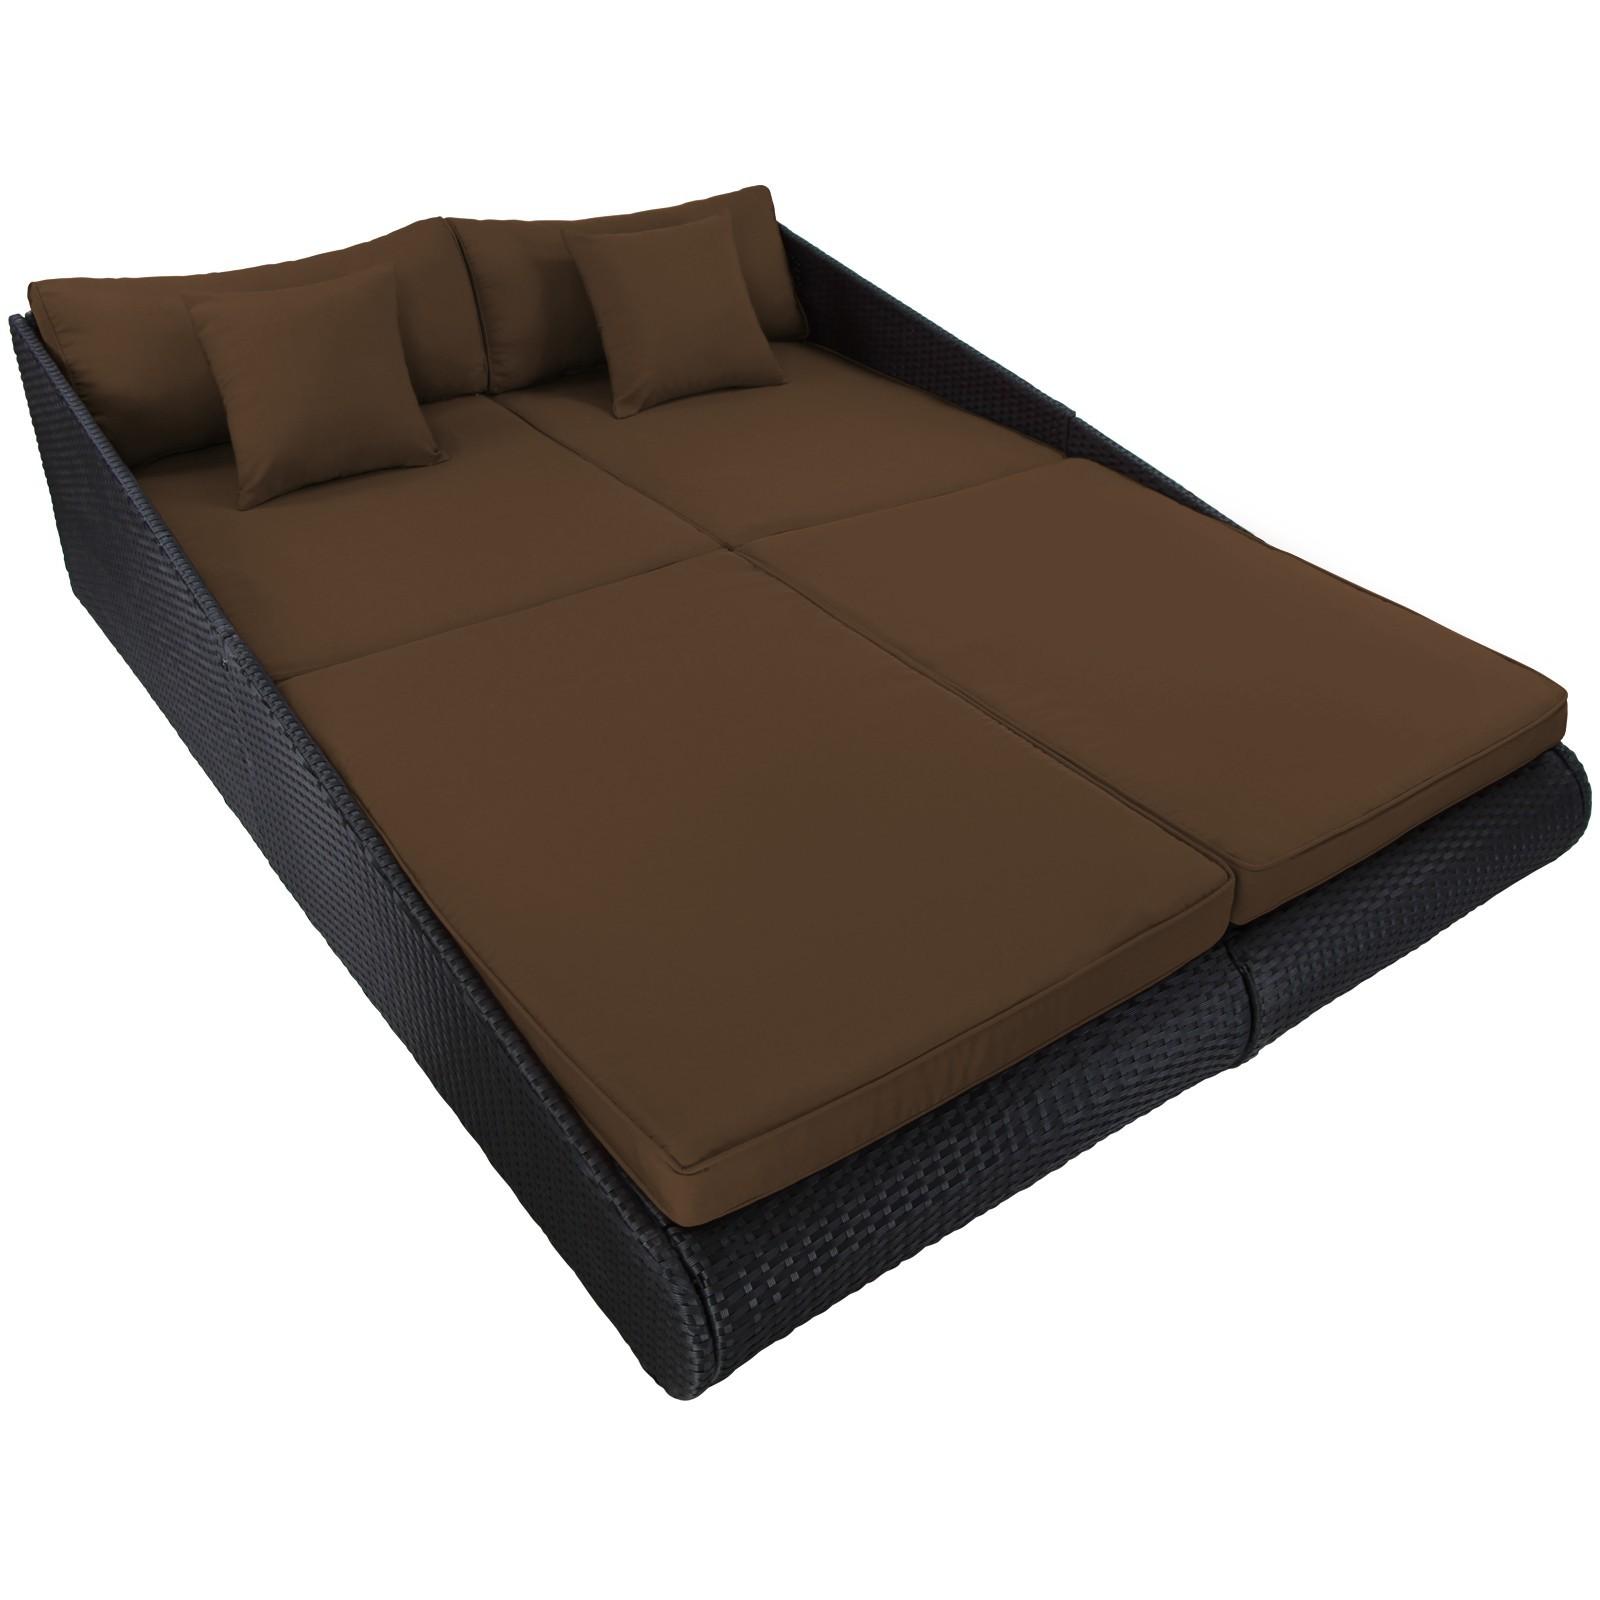 rattan tagesbett rattanbett liege gartenliege relaxliege xxl doppelliege bett ebay. Black Bedroom Furniture Sets. Home Design Ideas